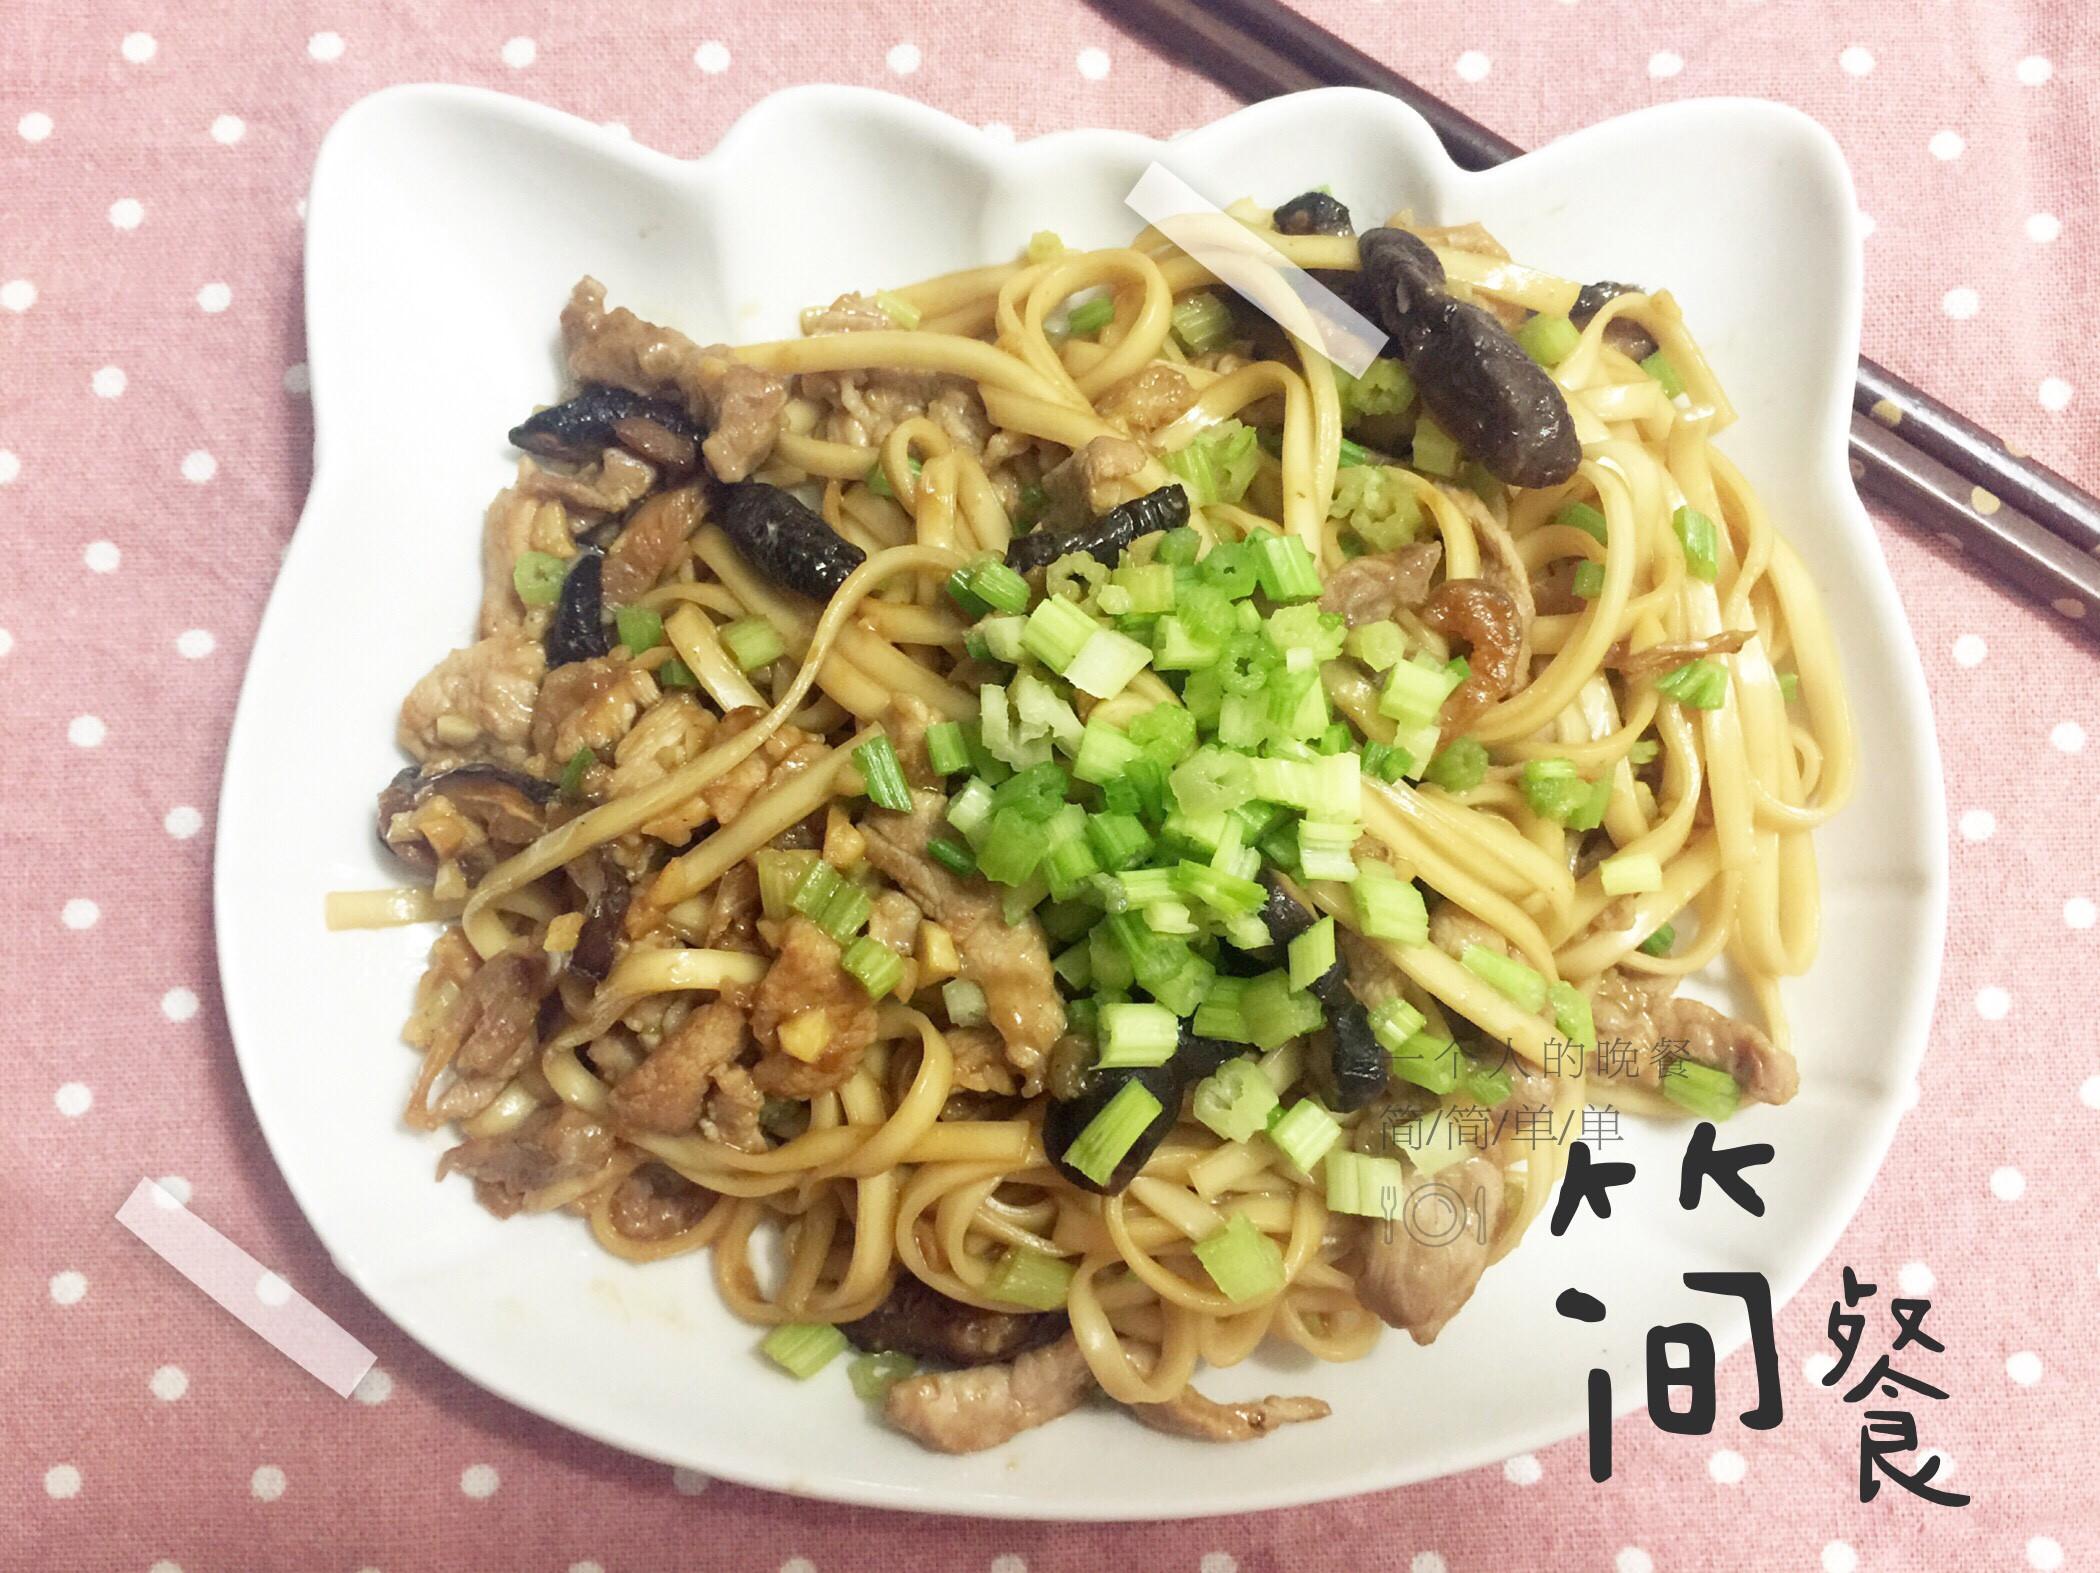 單人食堂-肉絲醬油炒麵